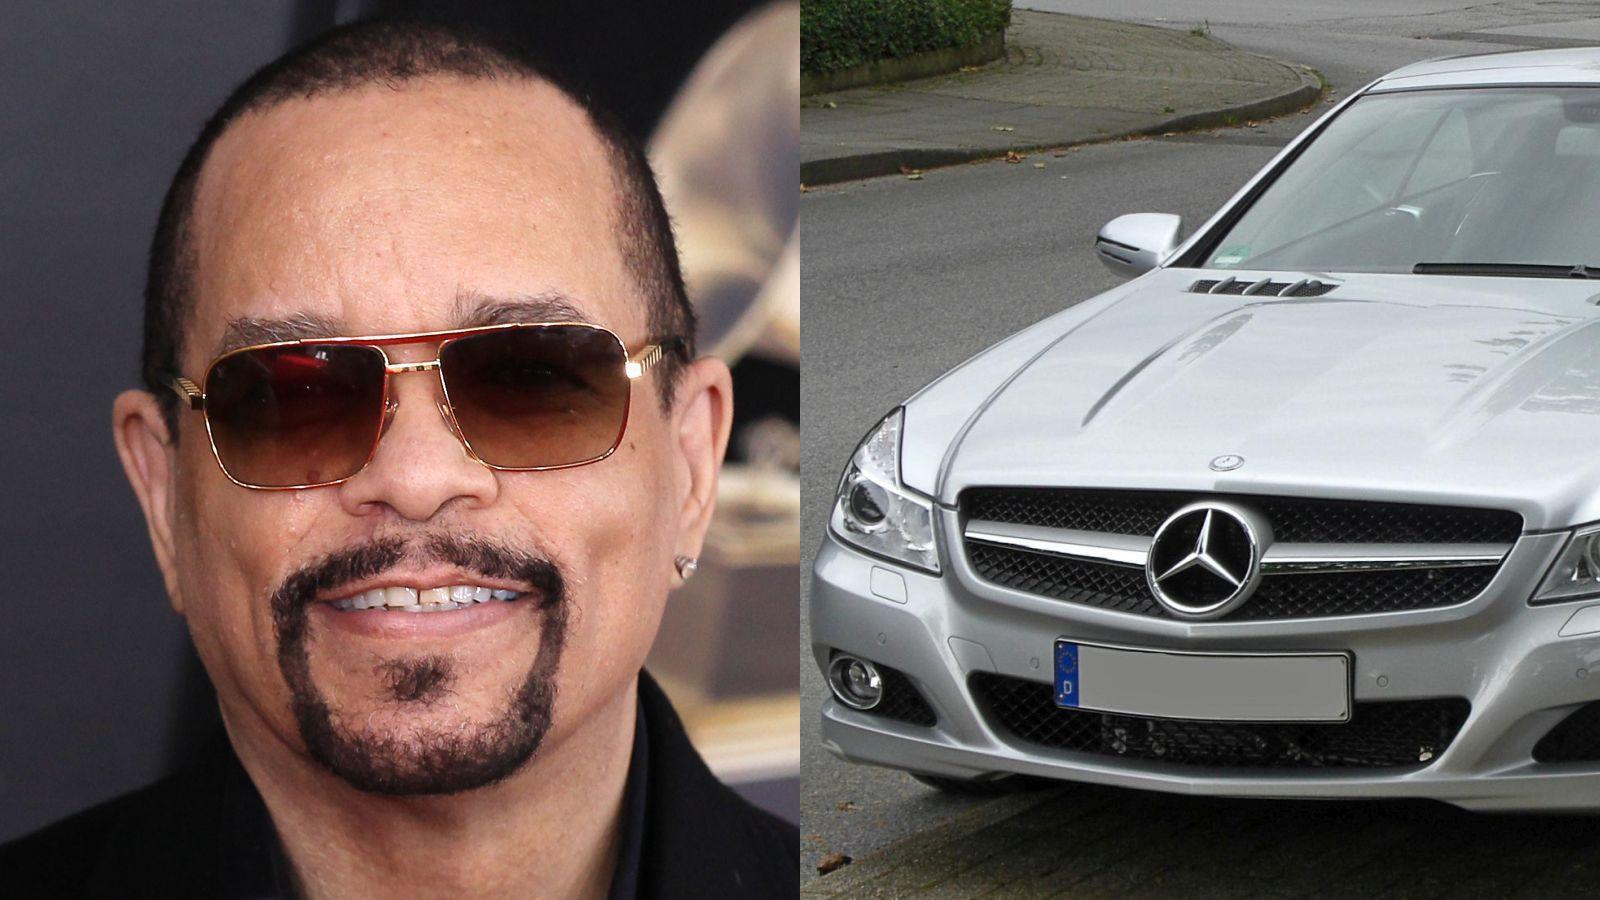 """Az egykor a """"Cop Killer"""" című számával sokkoló, ma meg már színészként rendőrt is simán eljátszó rapper, Ice-T híres az egyedi és méregdrága autók iránt rajongásáról. Garázsában pedig olyan autók állnak, mint az itt látható Mercedes-Benz SL 55 R. (Kristina Bumphrey/StarPix/Shutterstock\ Matthias93)"""